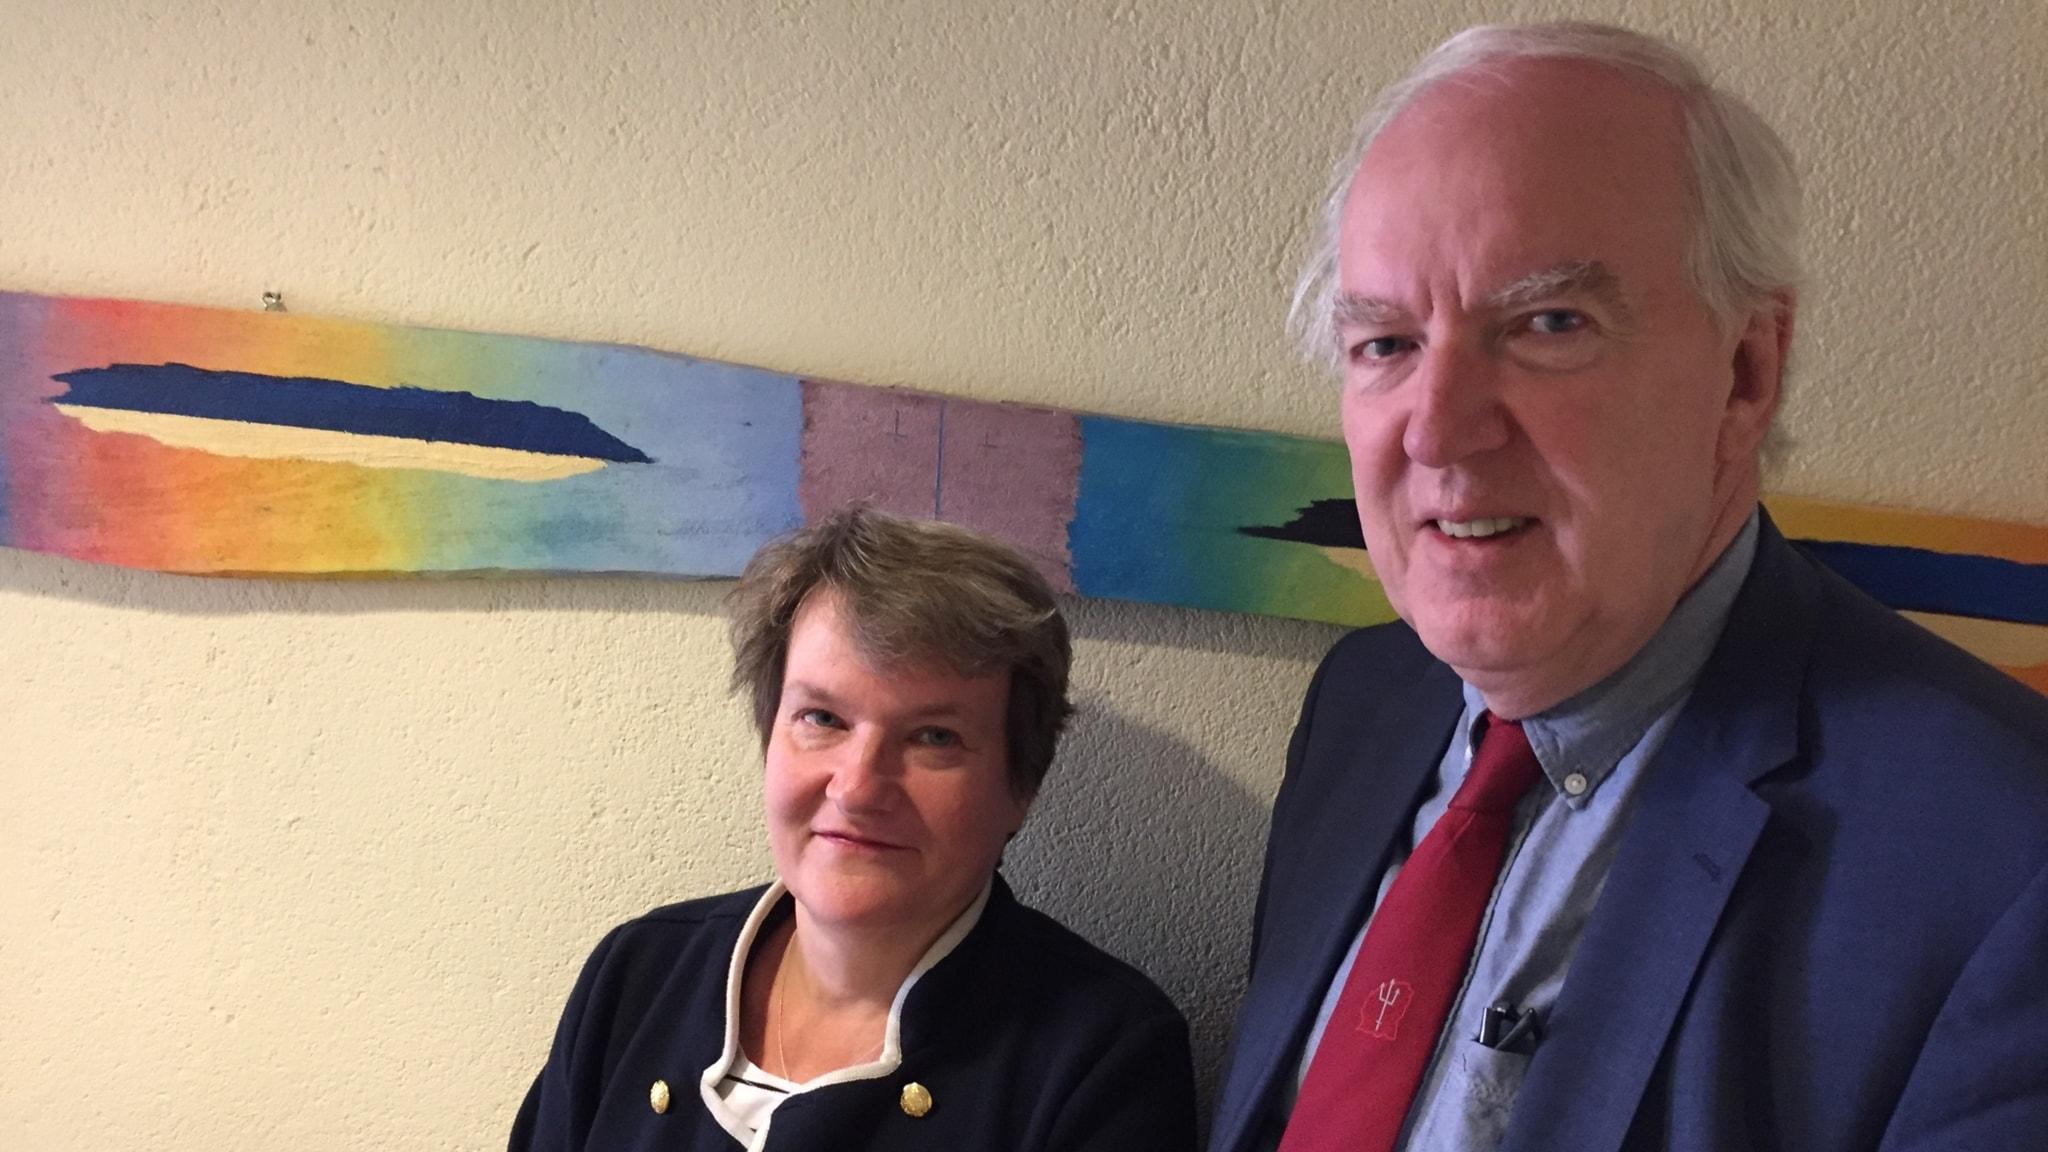 Suurlähettiläs Anders Ljunggren ja puoliso Barbro Allard Ljunggren. Foto: Pirjo Hamilton/SR